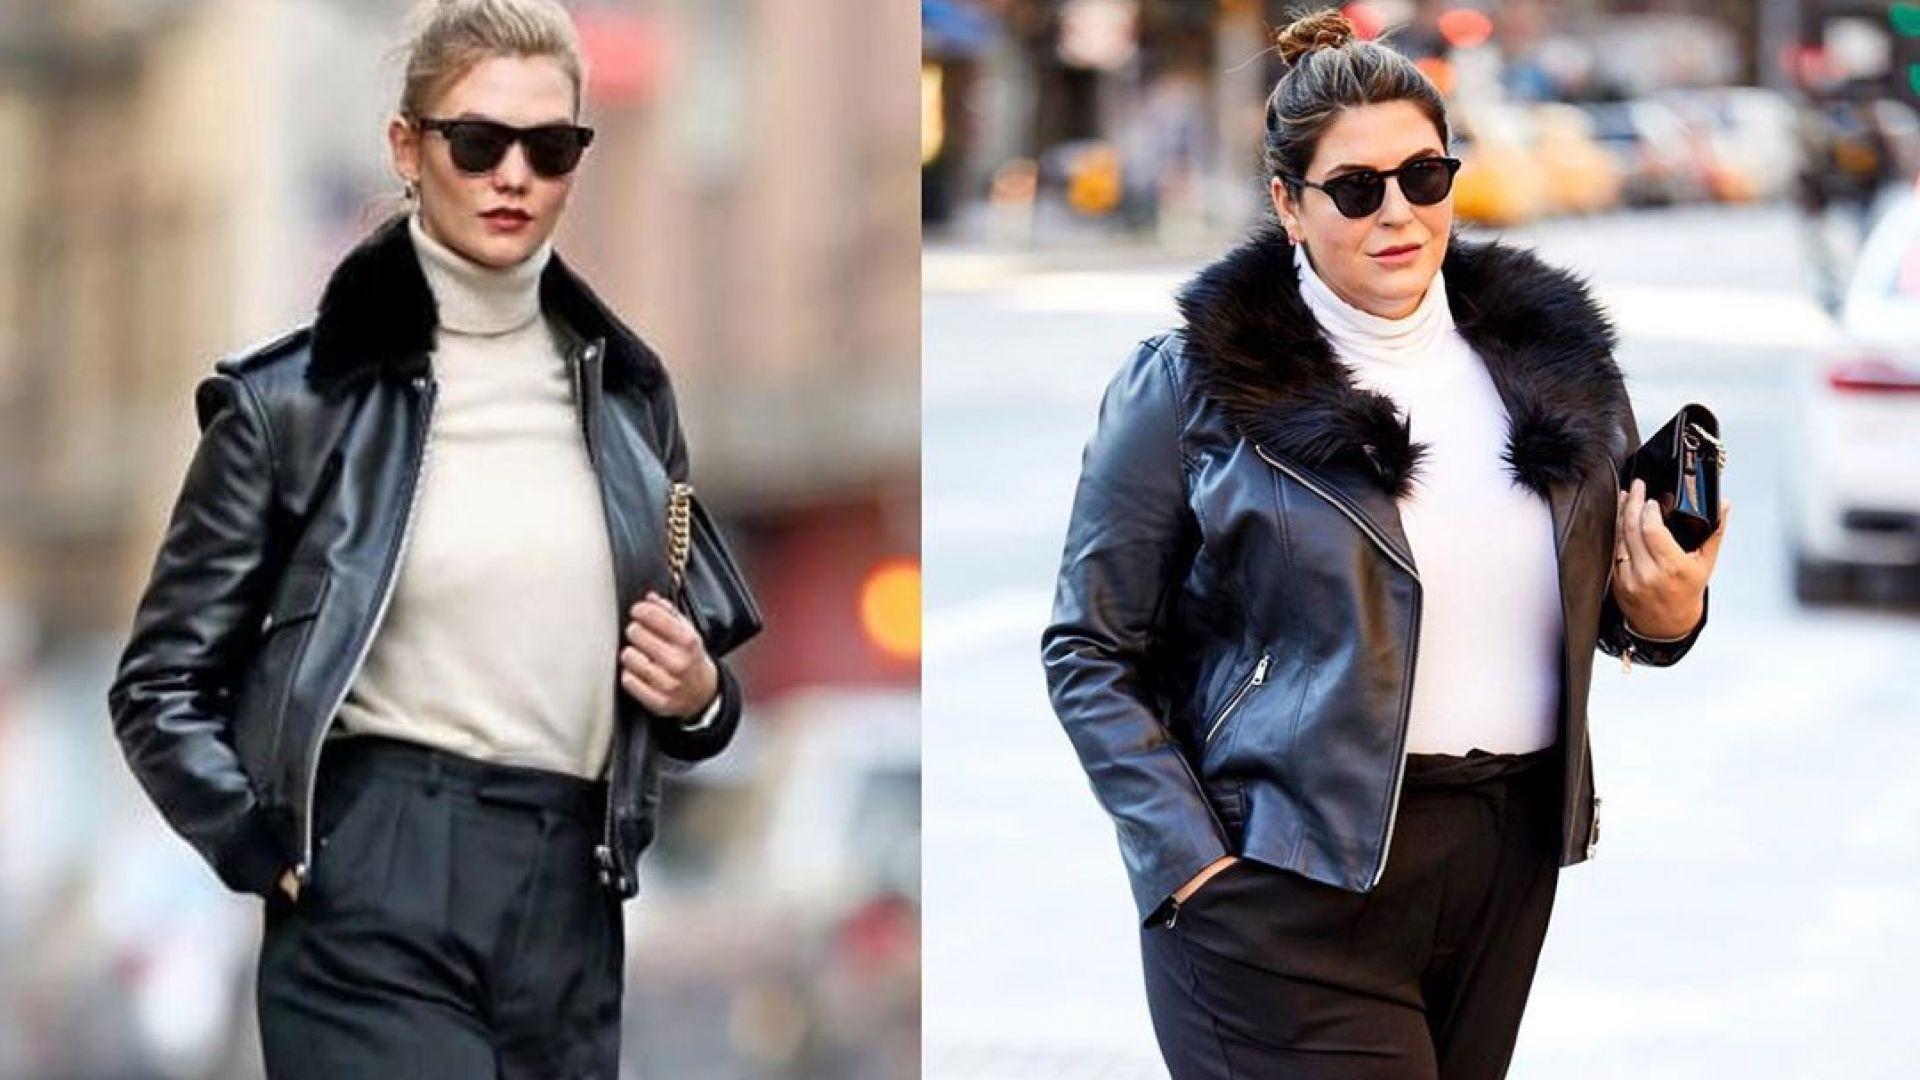 Като звездите: жената, която се облича със стил и доказва, че размерът няма значение